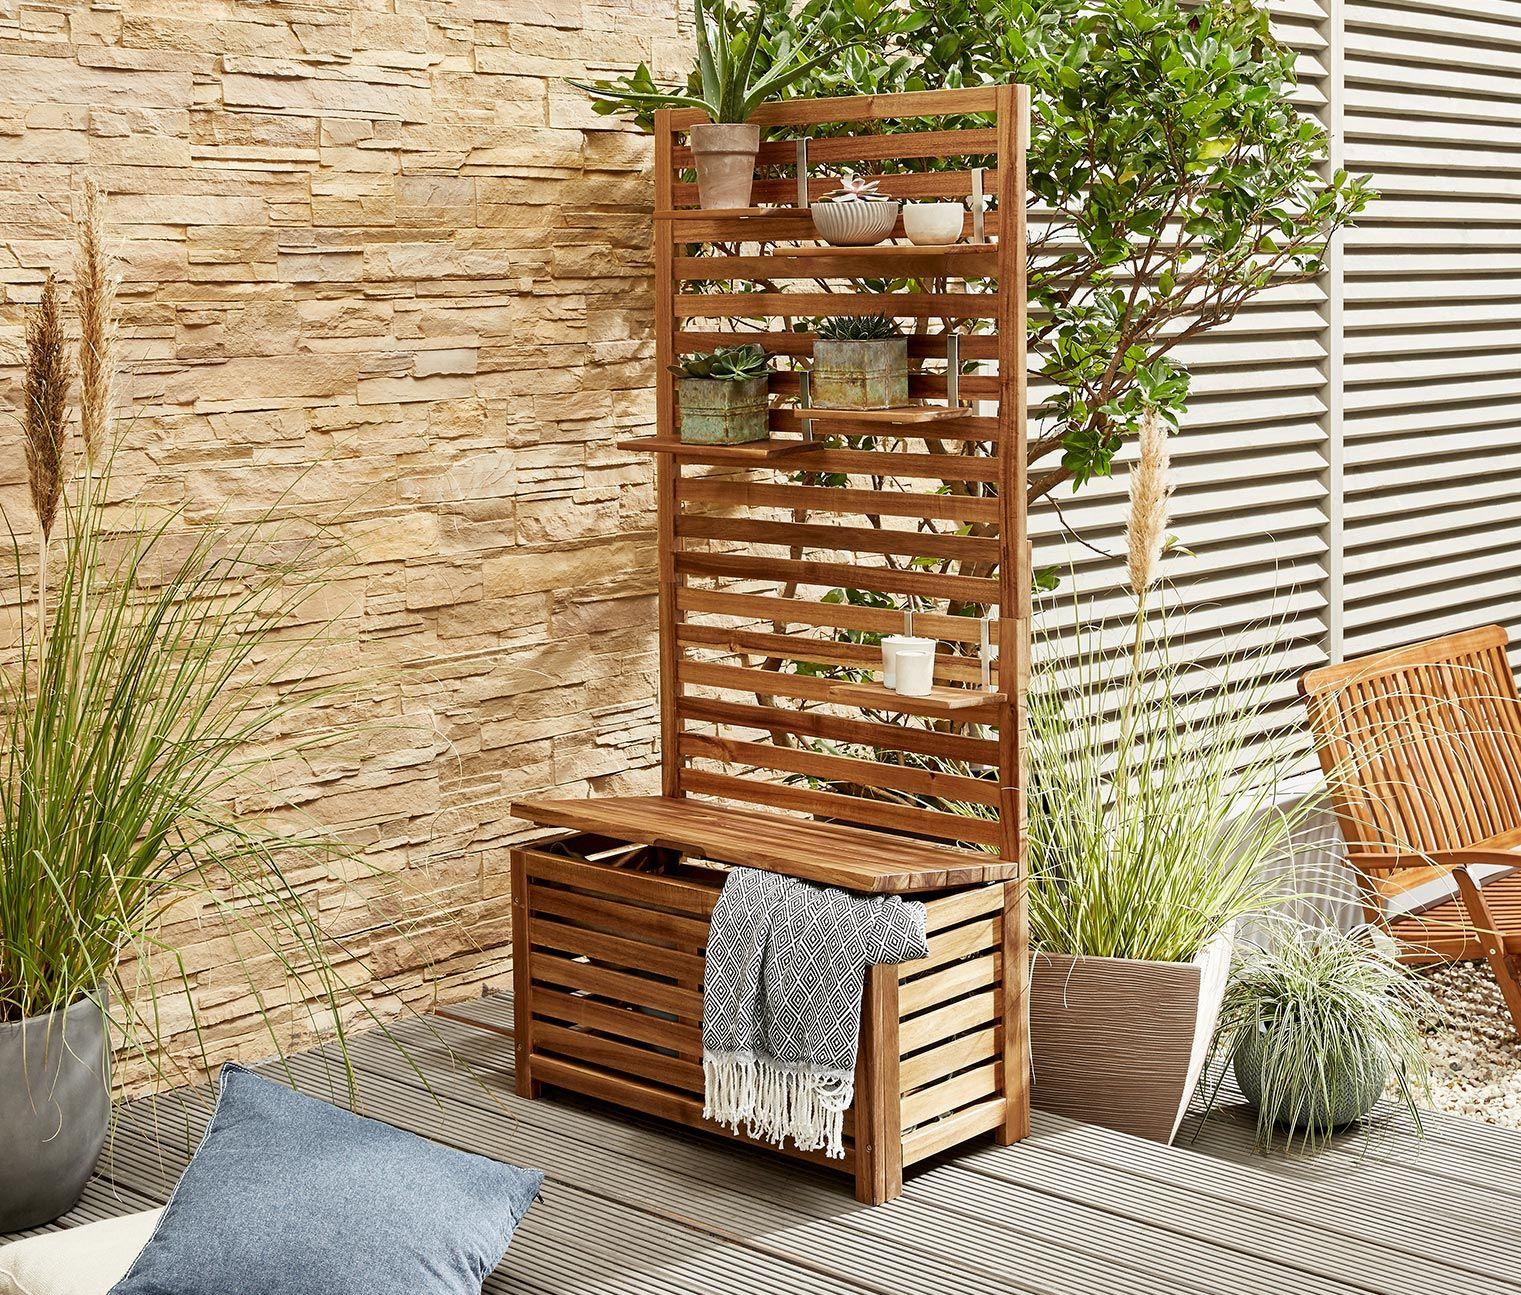 Balkon Sichtschutzbank Balkon Holz Balkon Und Balkon Bank